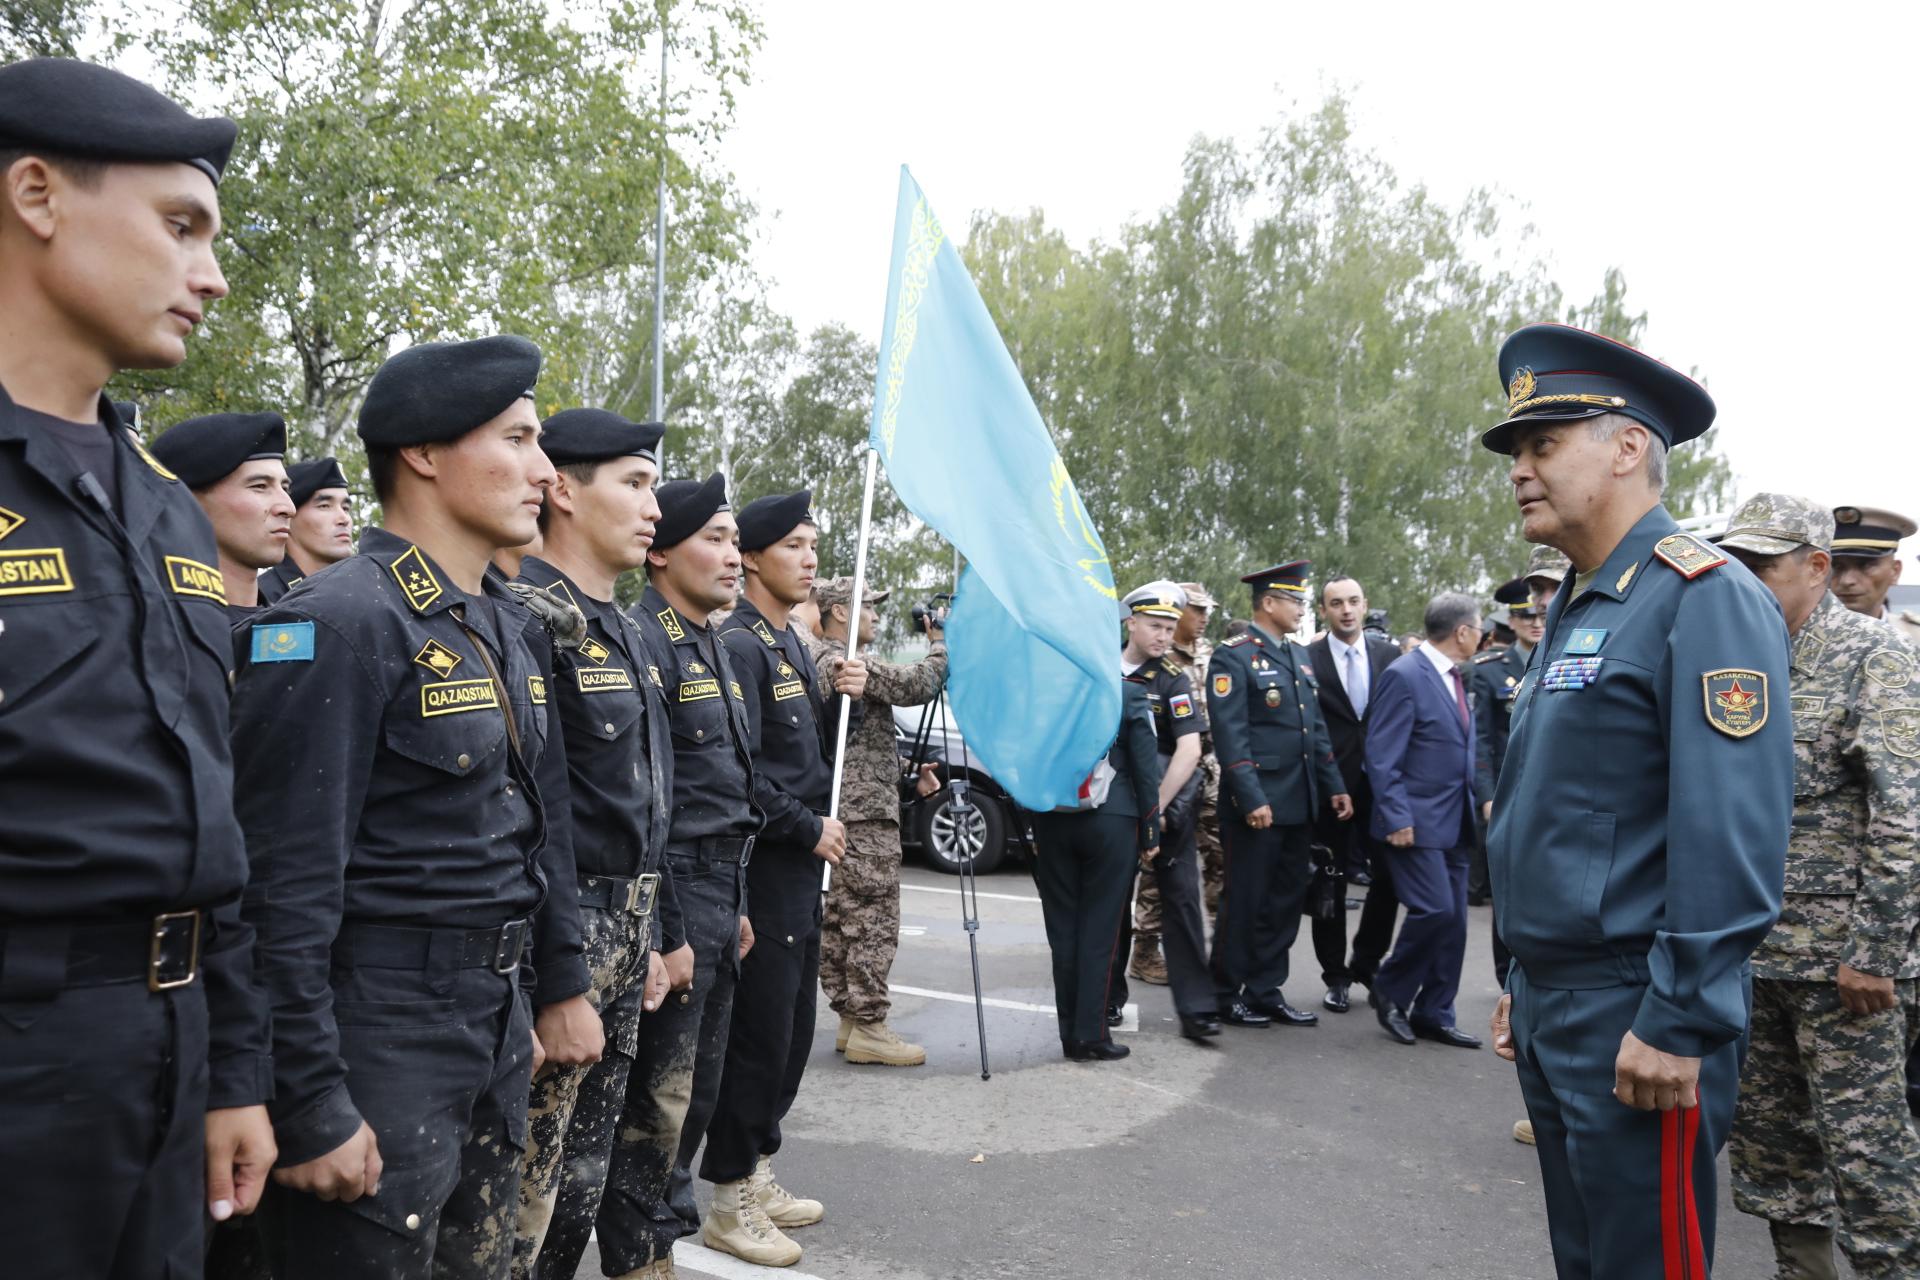 V Армейские международные игры: сборная Казахстана награждена в общекомандном зачете